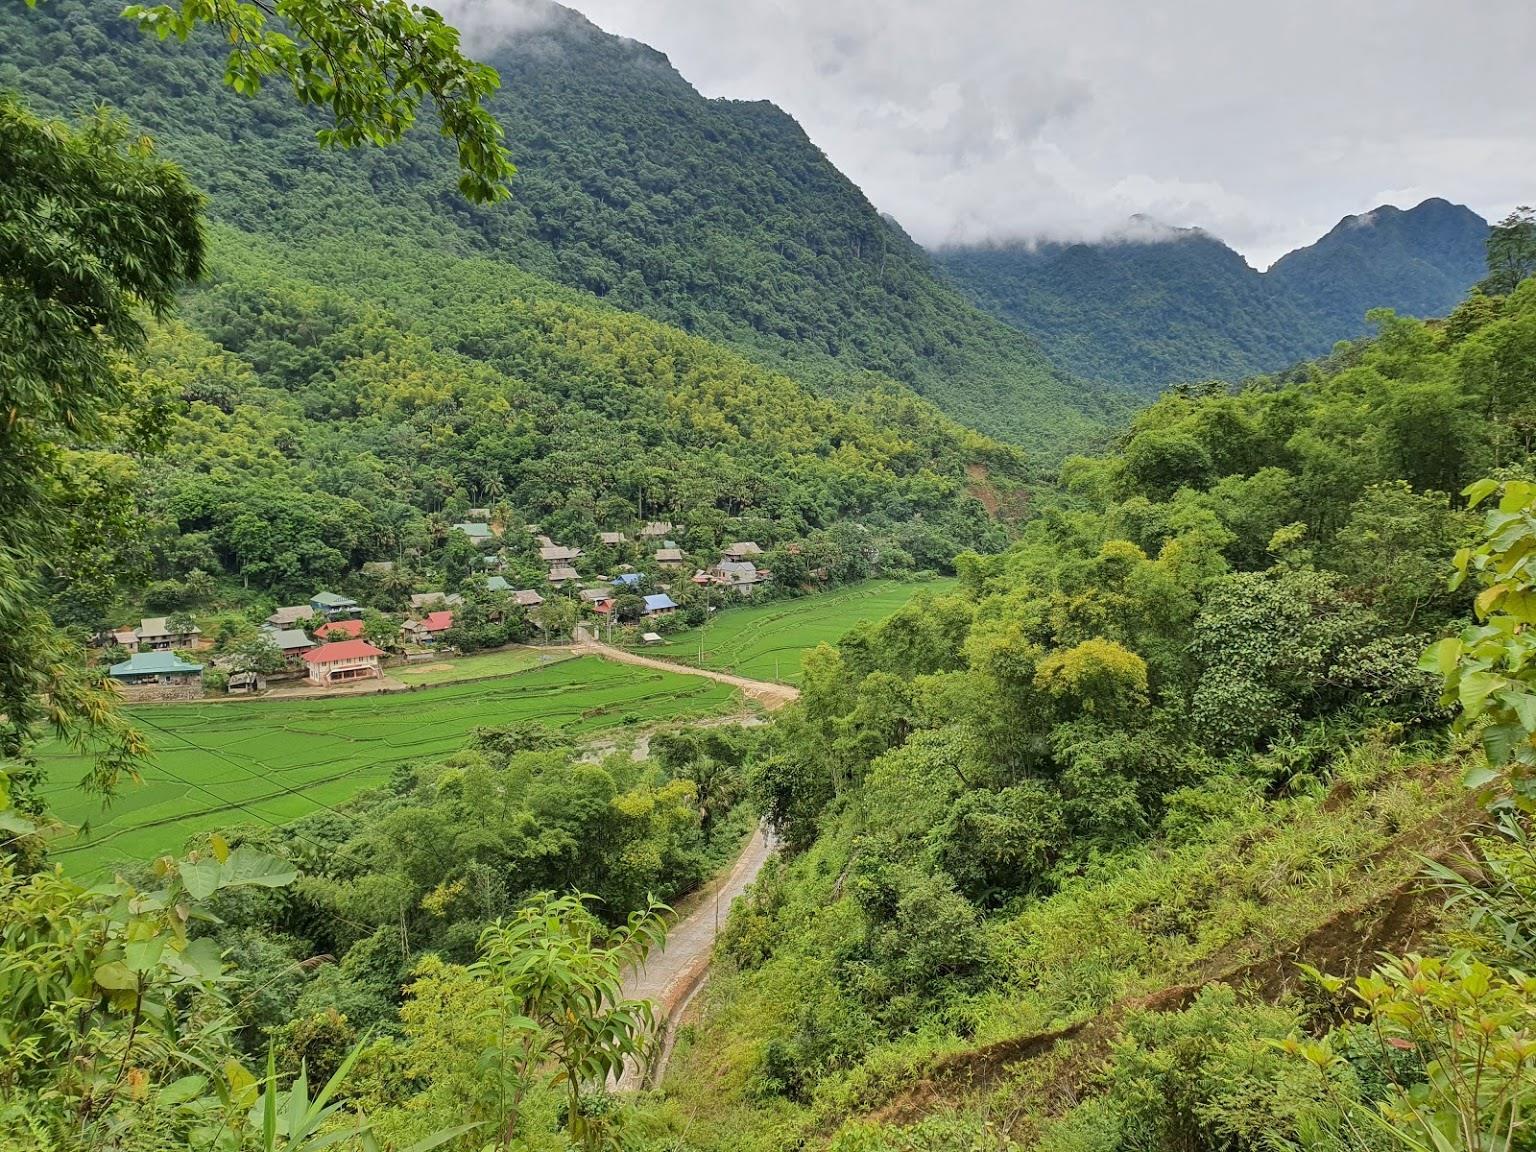 Cẩm nang du lịch Pù Luông Thanh Hóa đầy đủ từ A – Z